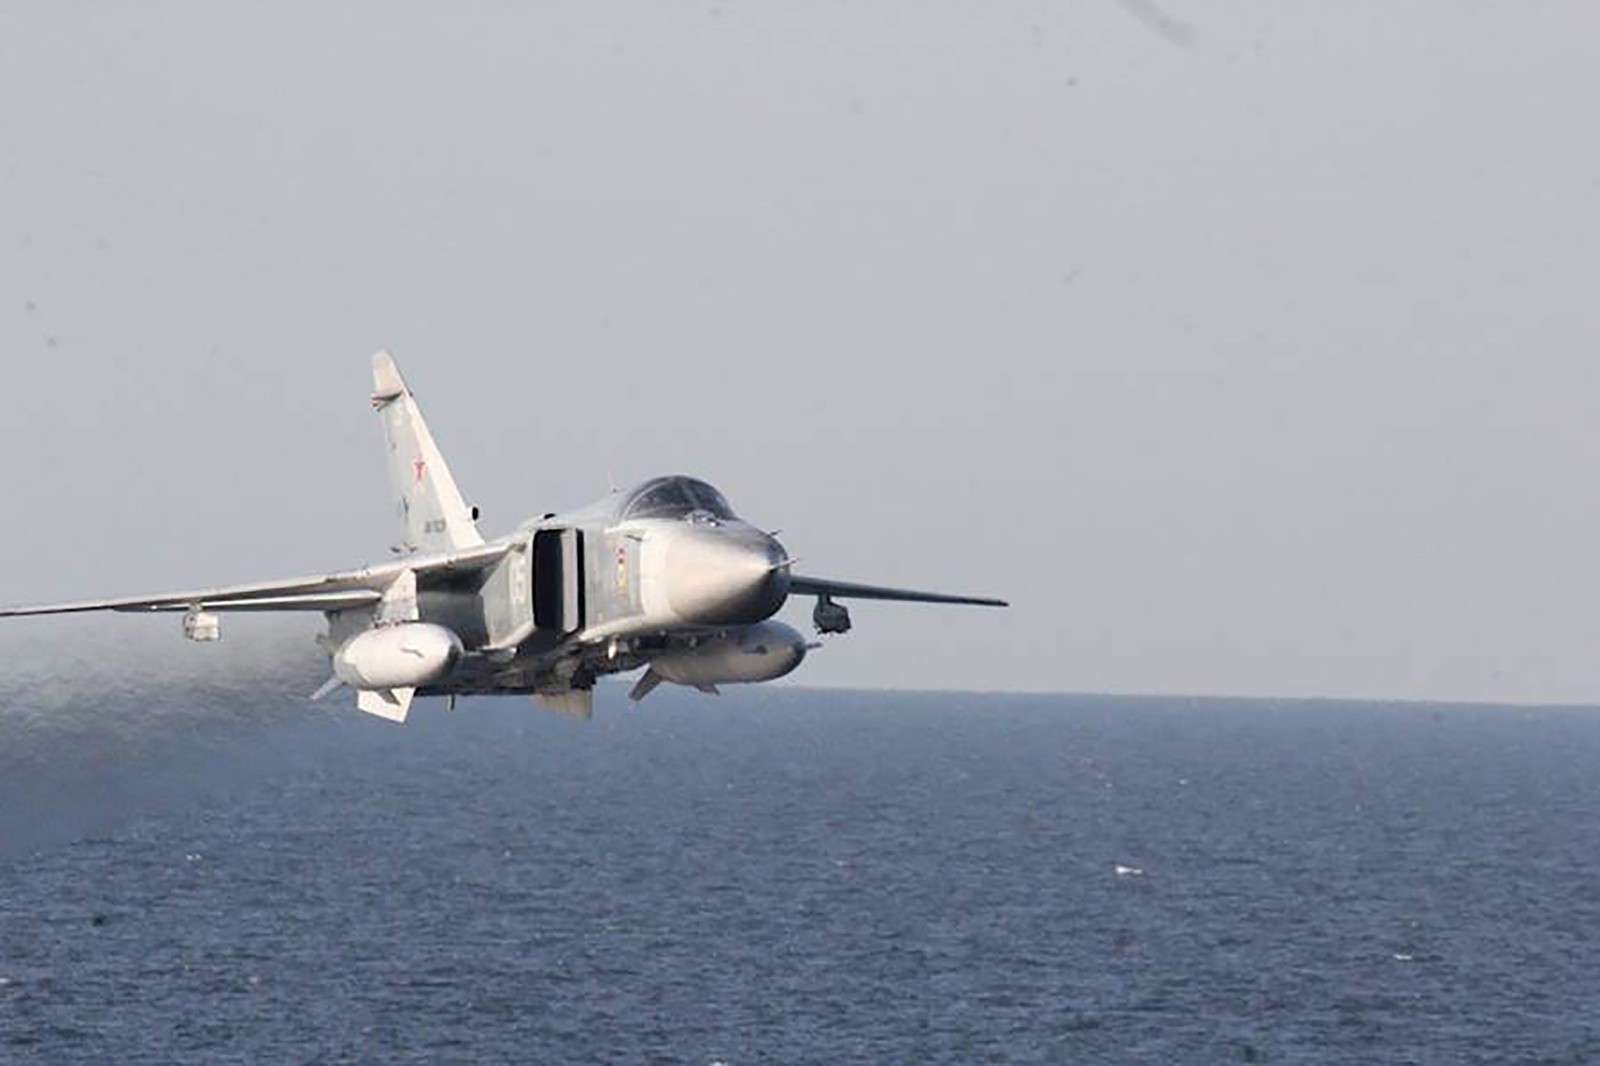 To slike russiske jagerfly provoserte amerikanske myndigheter med å fly svært nærme skipet deres.